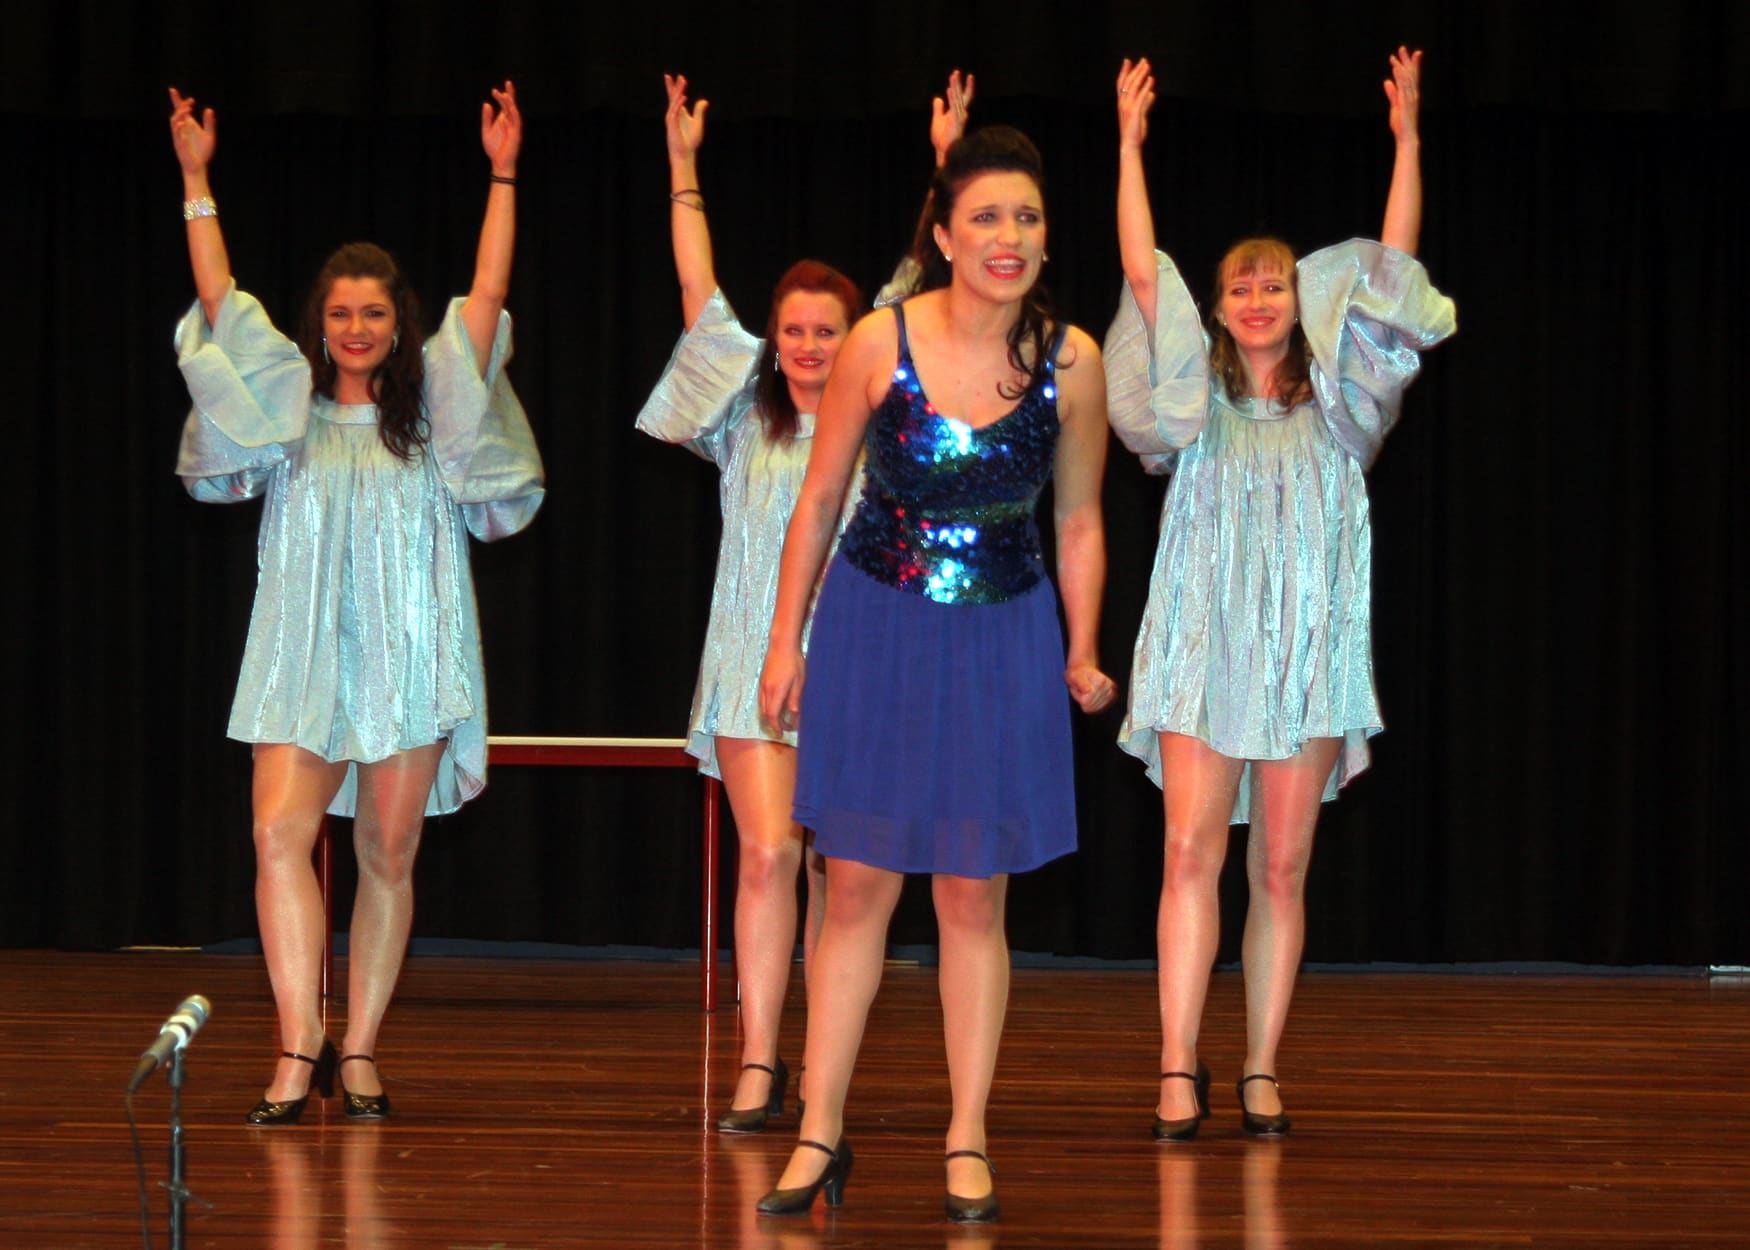 Gala_2009_Show 130.jpg